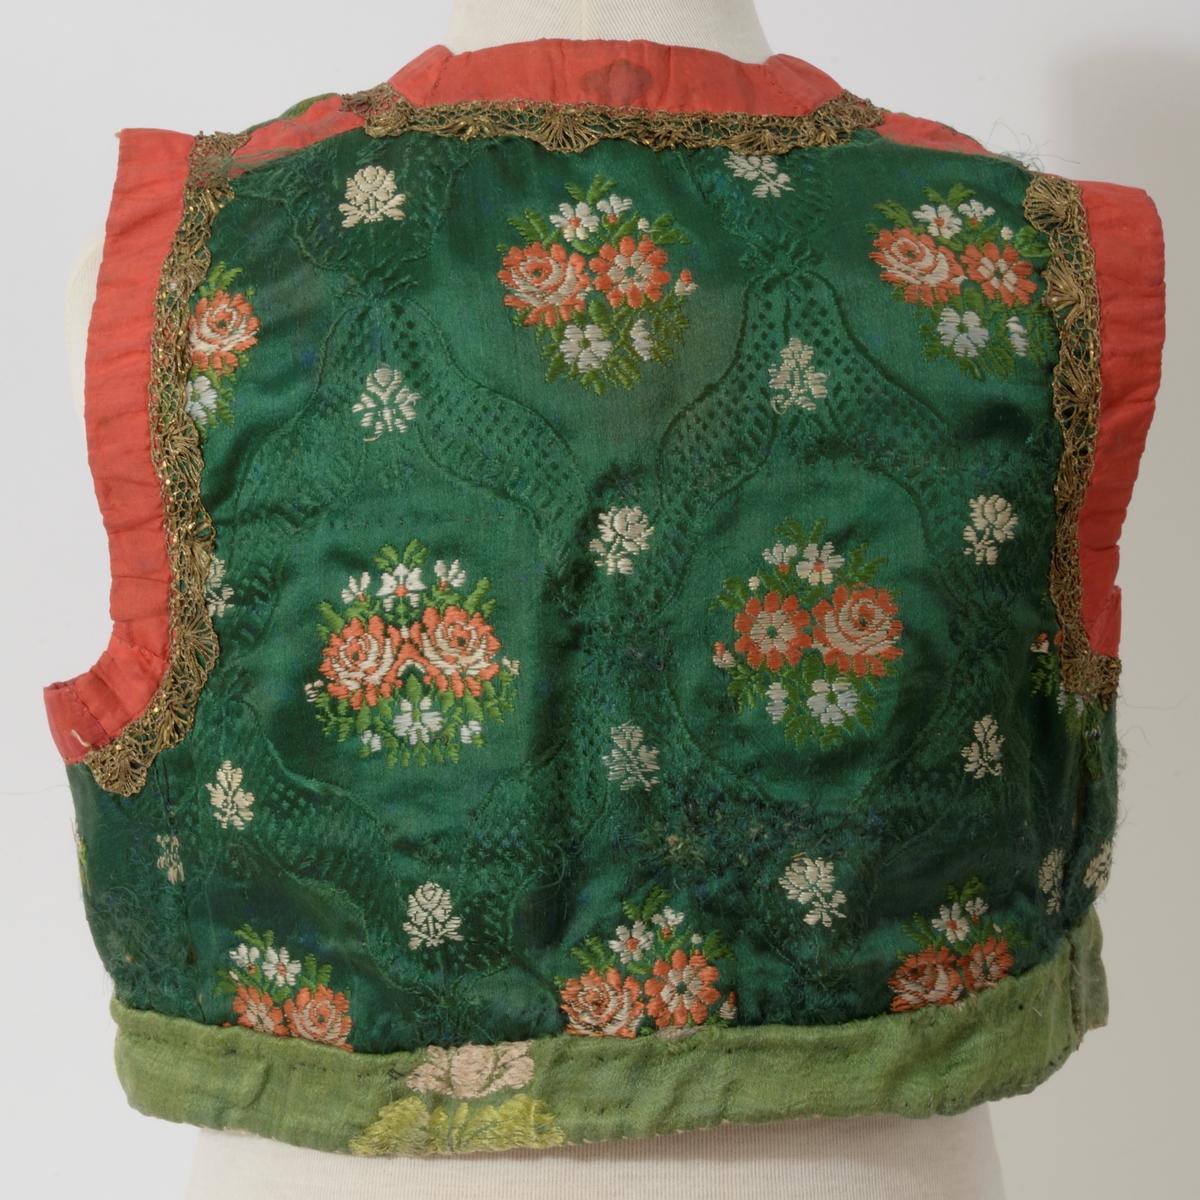 Grønn bunn, blomster i rødt, grønt, hvitt. åpning foran, kantet m. rødt silkebånd, gullknipling, 3 sett maljer, snor m. sølvspisser, gravert L.F. 830.